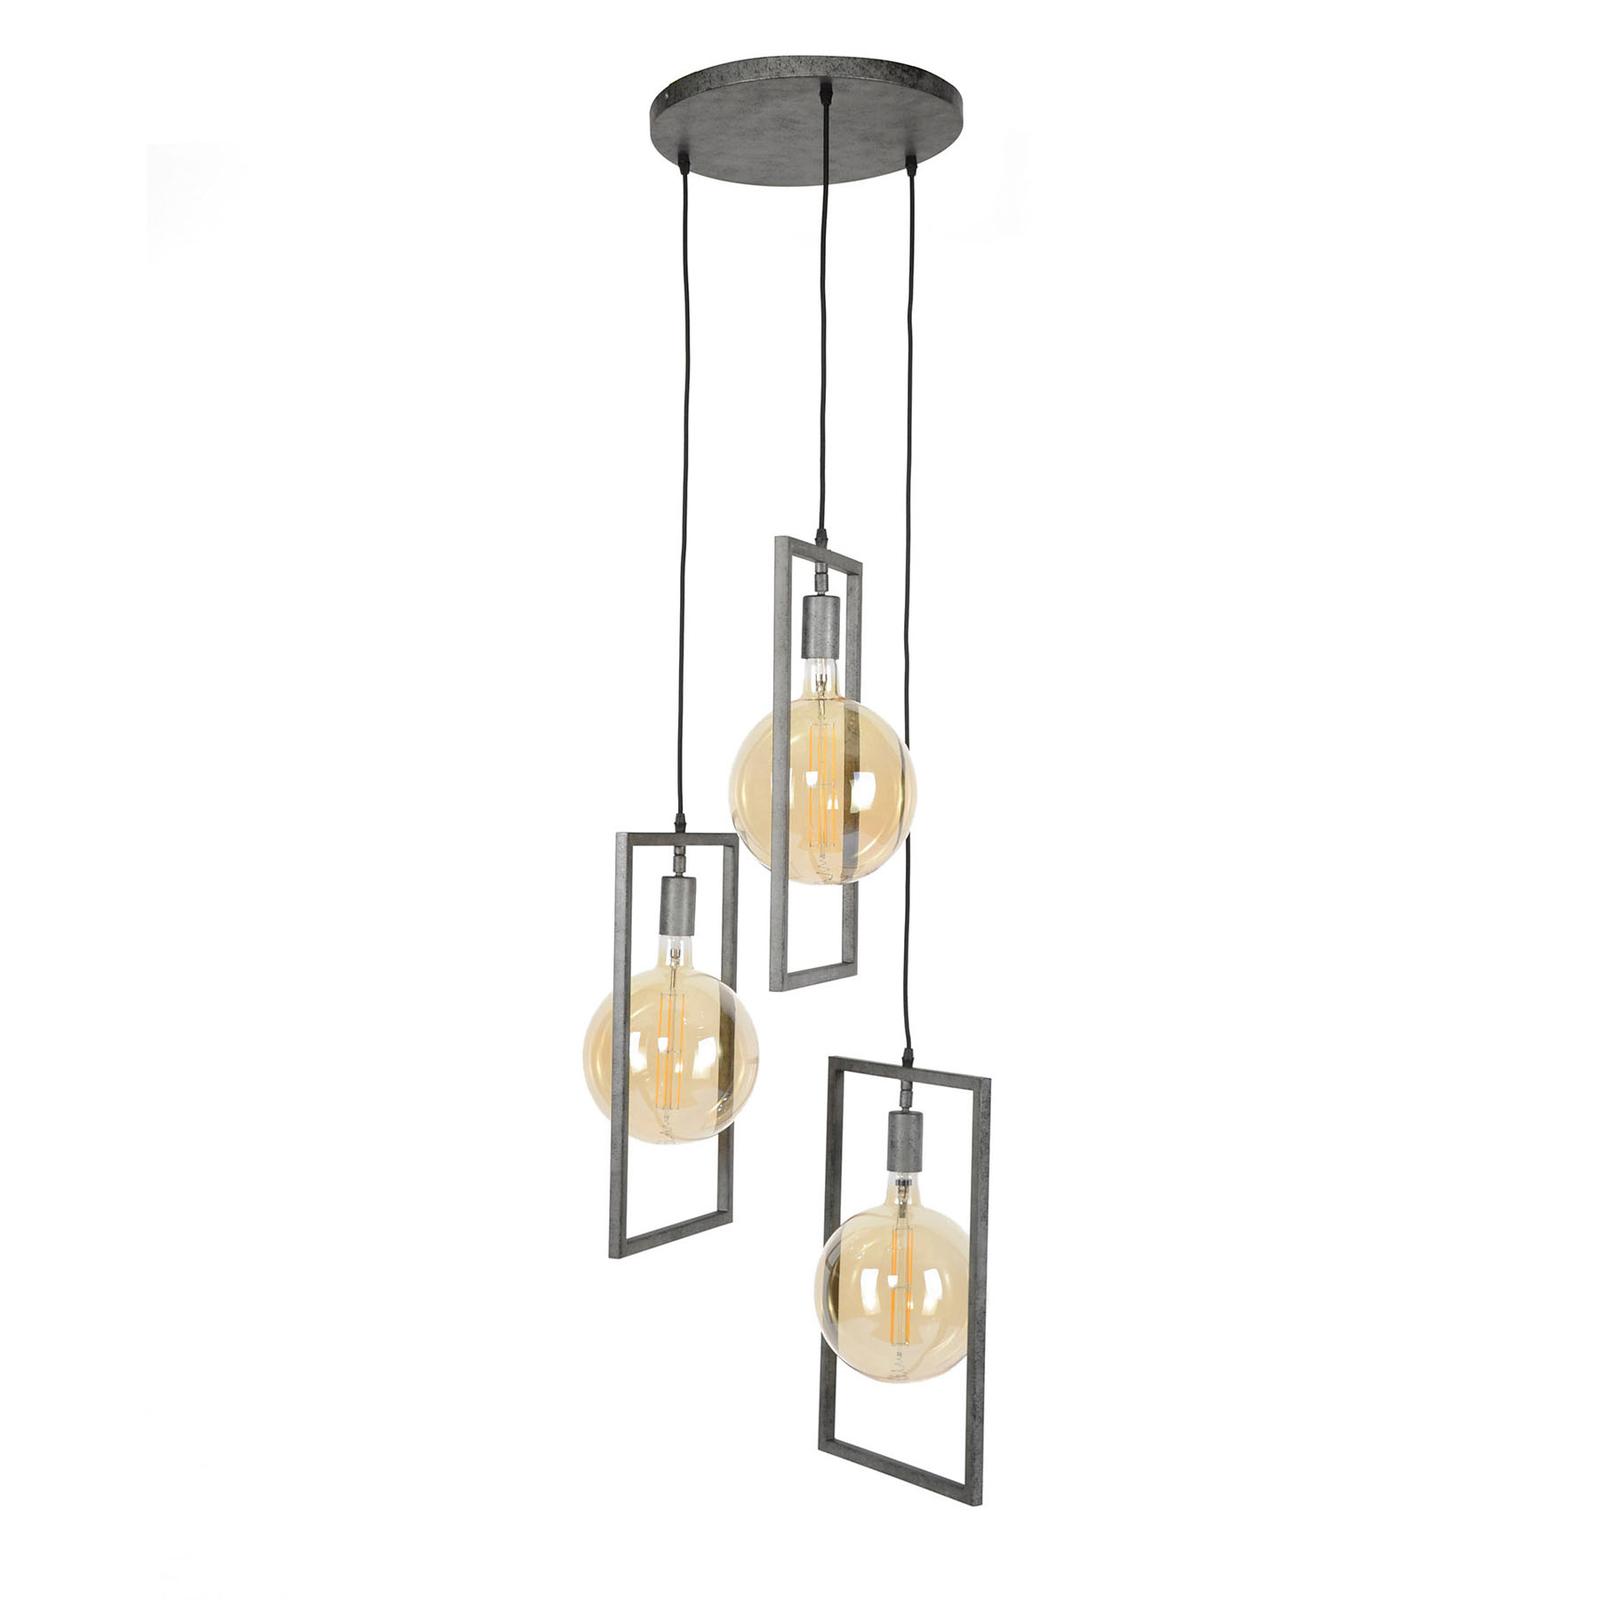 Skyframe hængelampe, 3 lyskilder